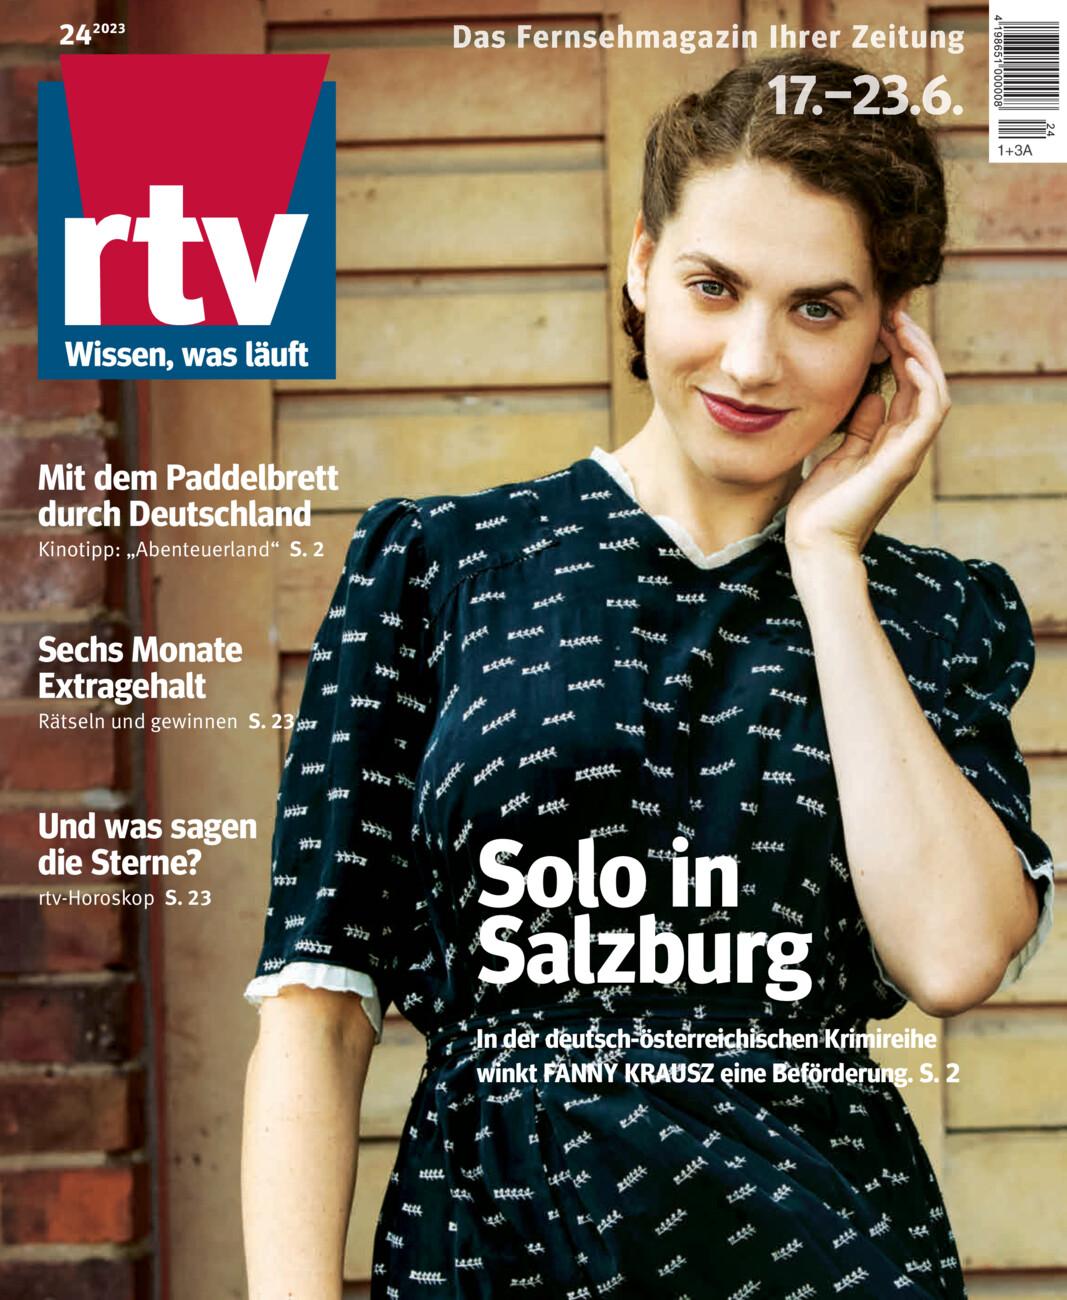 RTV 15.06. - 21.06. vom Dienstag, 11.06.2019